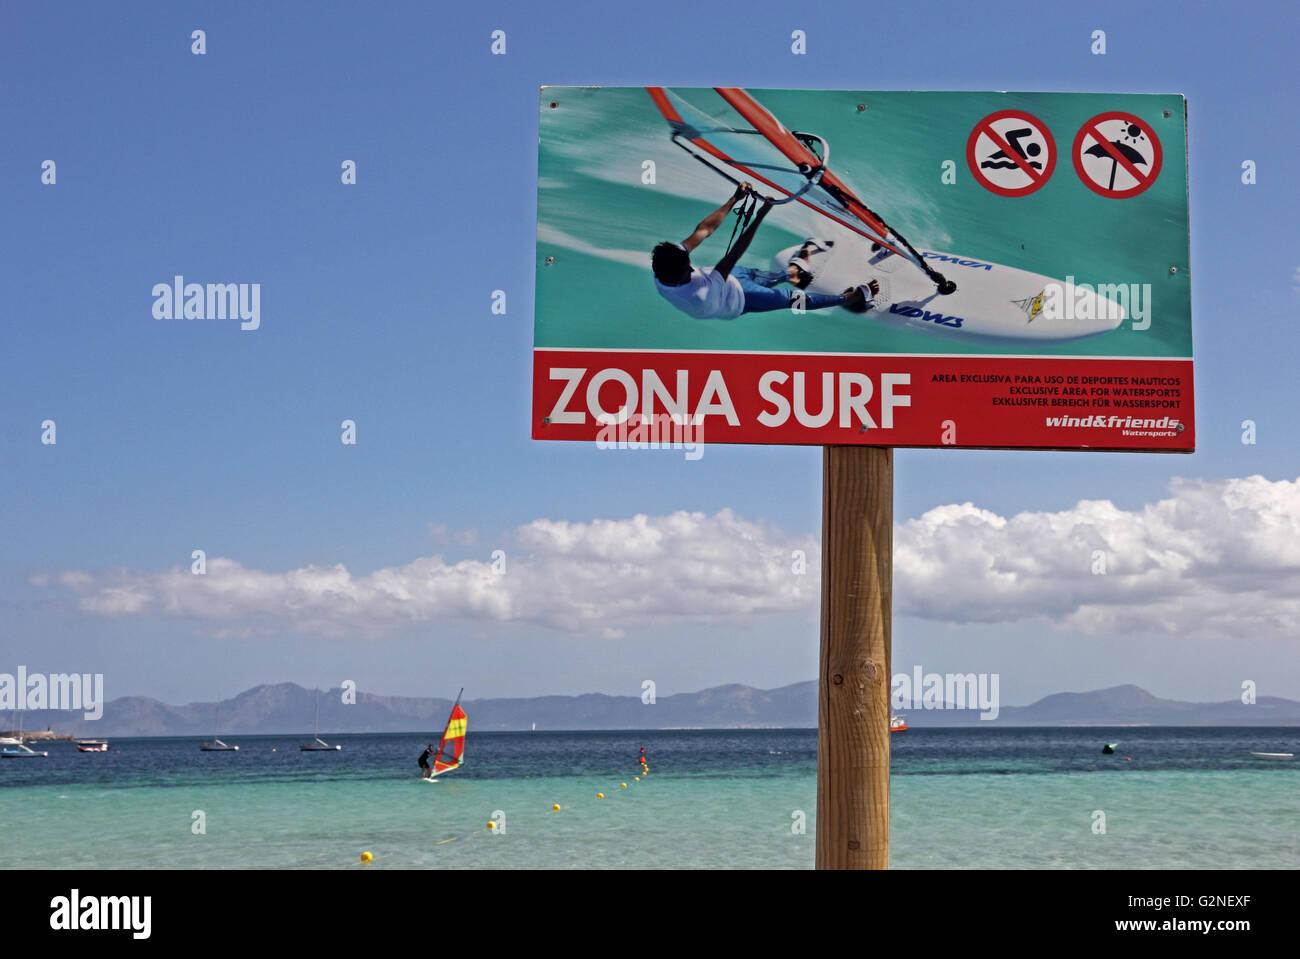 Zona Surf, segno indicante area riservata per wind surf, con windsurf in background Immagini Stock